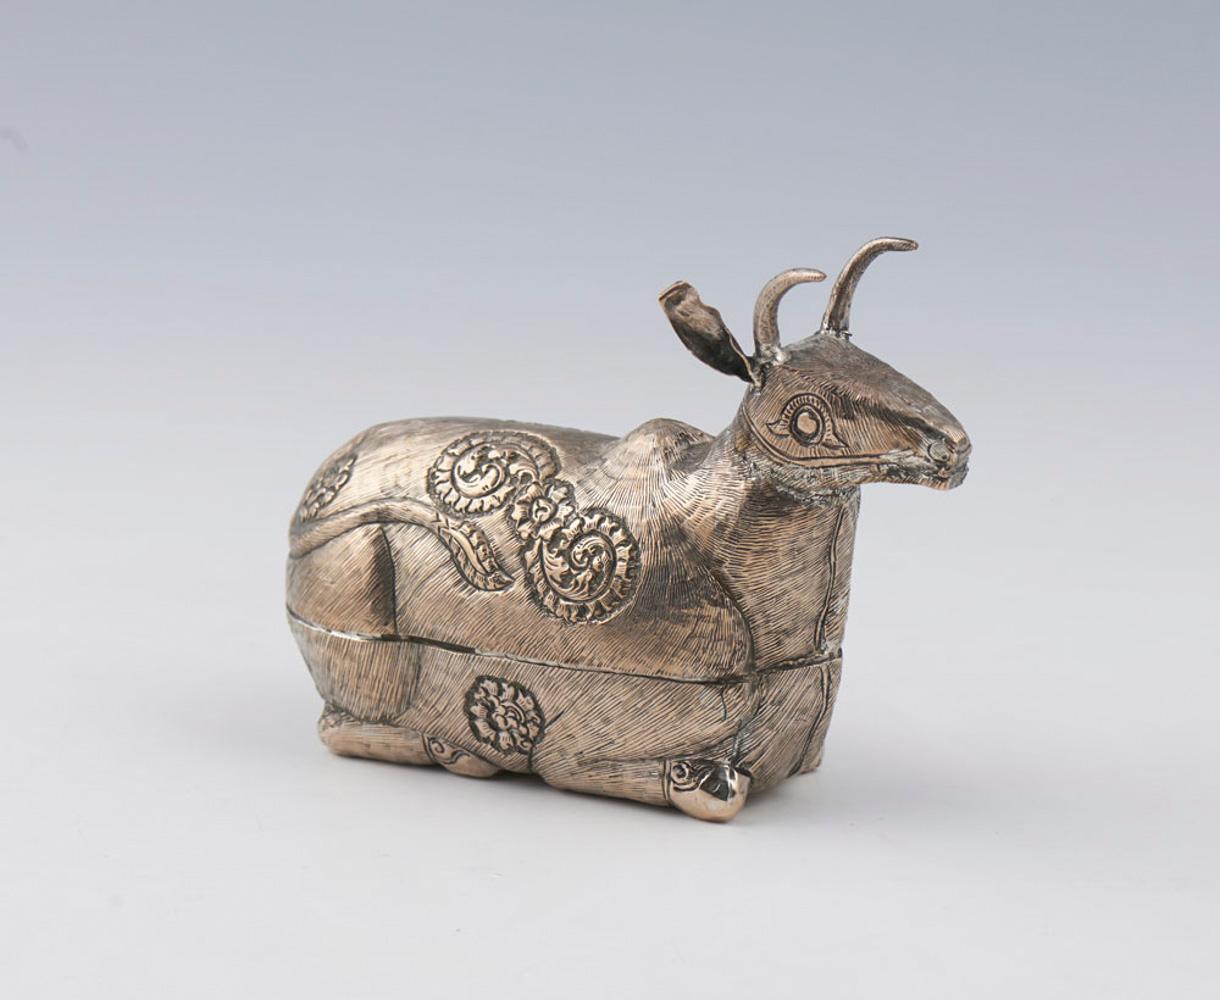 Caixa em metal prateado em forma de vaca